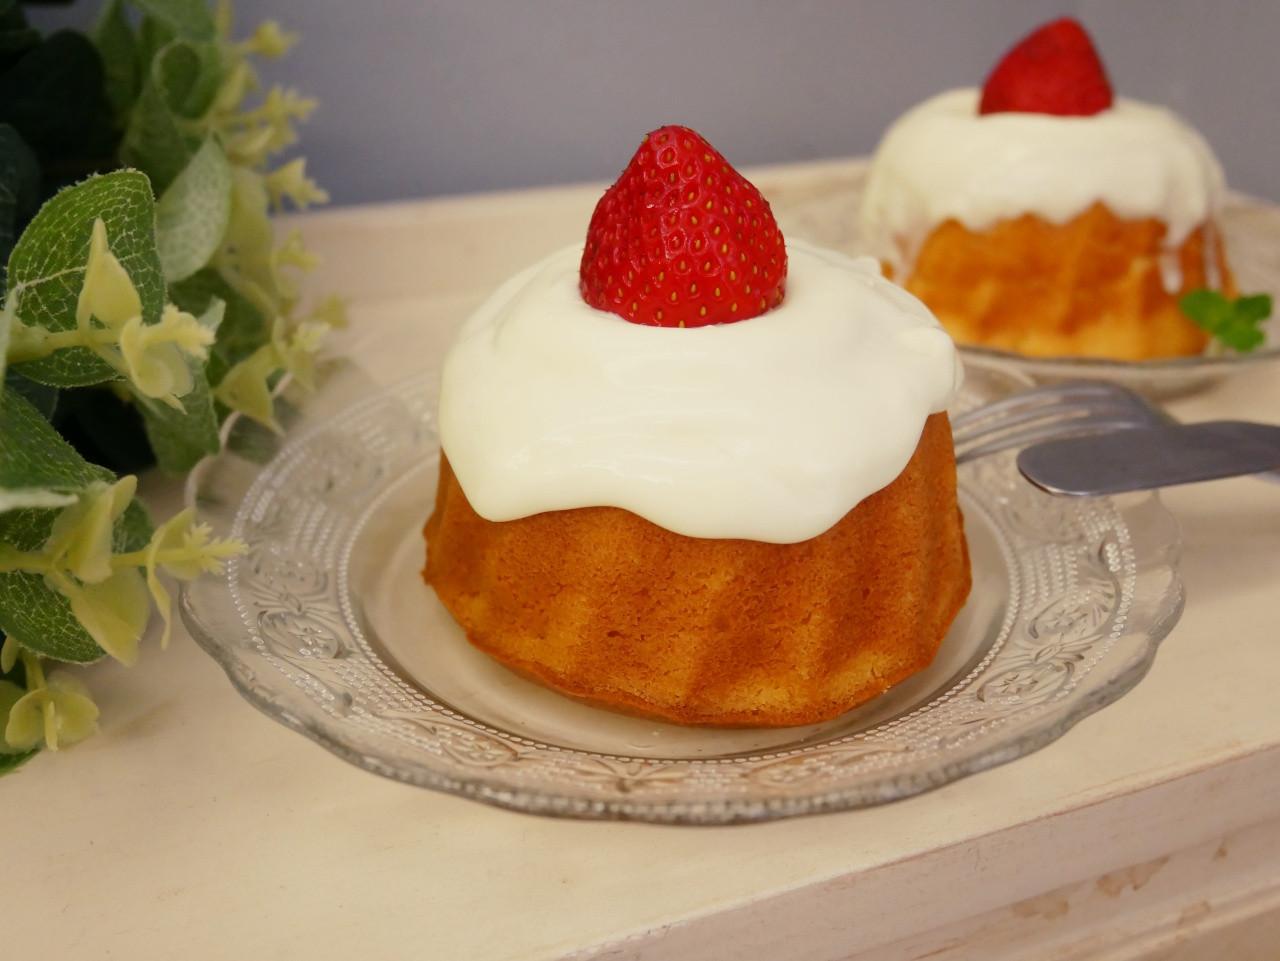 鬆餅粉「草莓奶油蛋糕」可愛又可口的小甜點